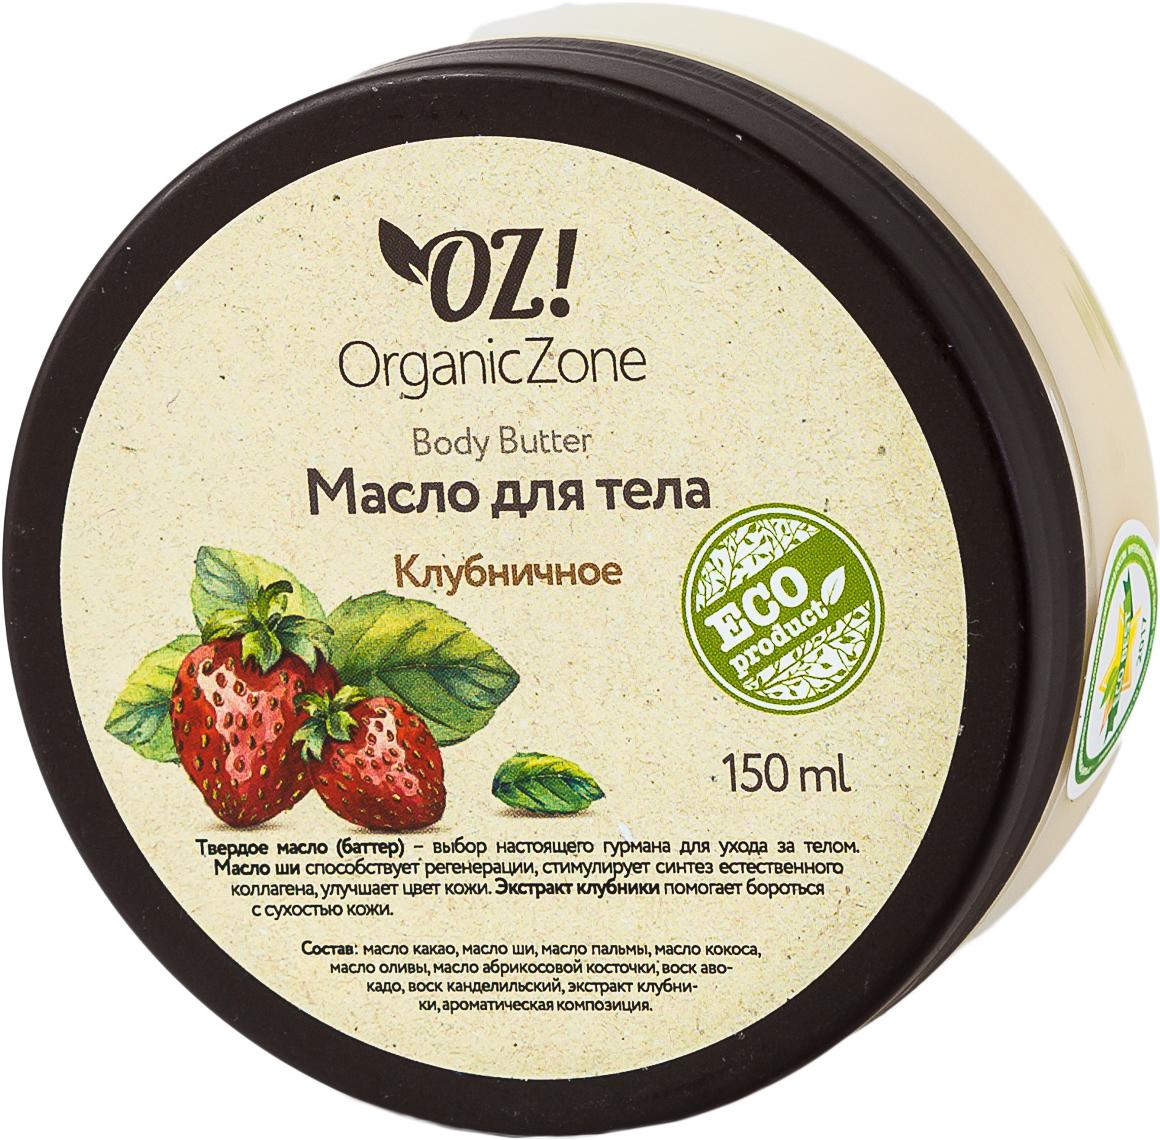 OrganicZone Баттер для тела Клубничный, 150 мл4665301124587Масло ши способствует регенерации, стимулирует синтез естественного коллагена, улучшает цвет кожи. Экстракт клубники помогает бороться с сухостью кожи.